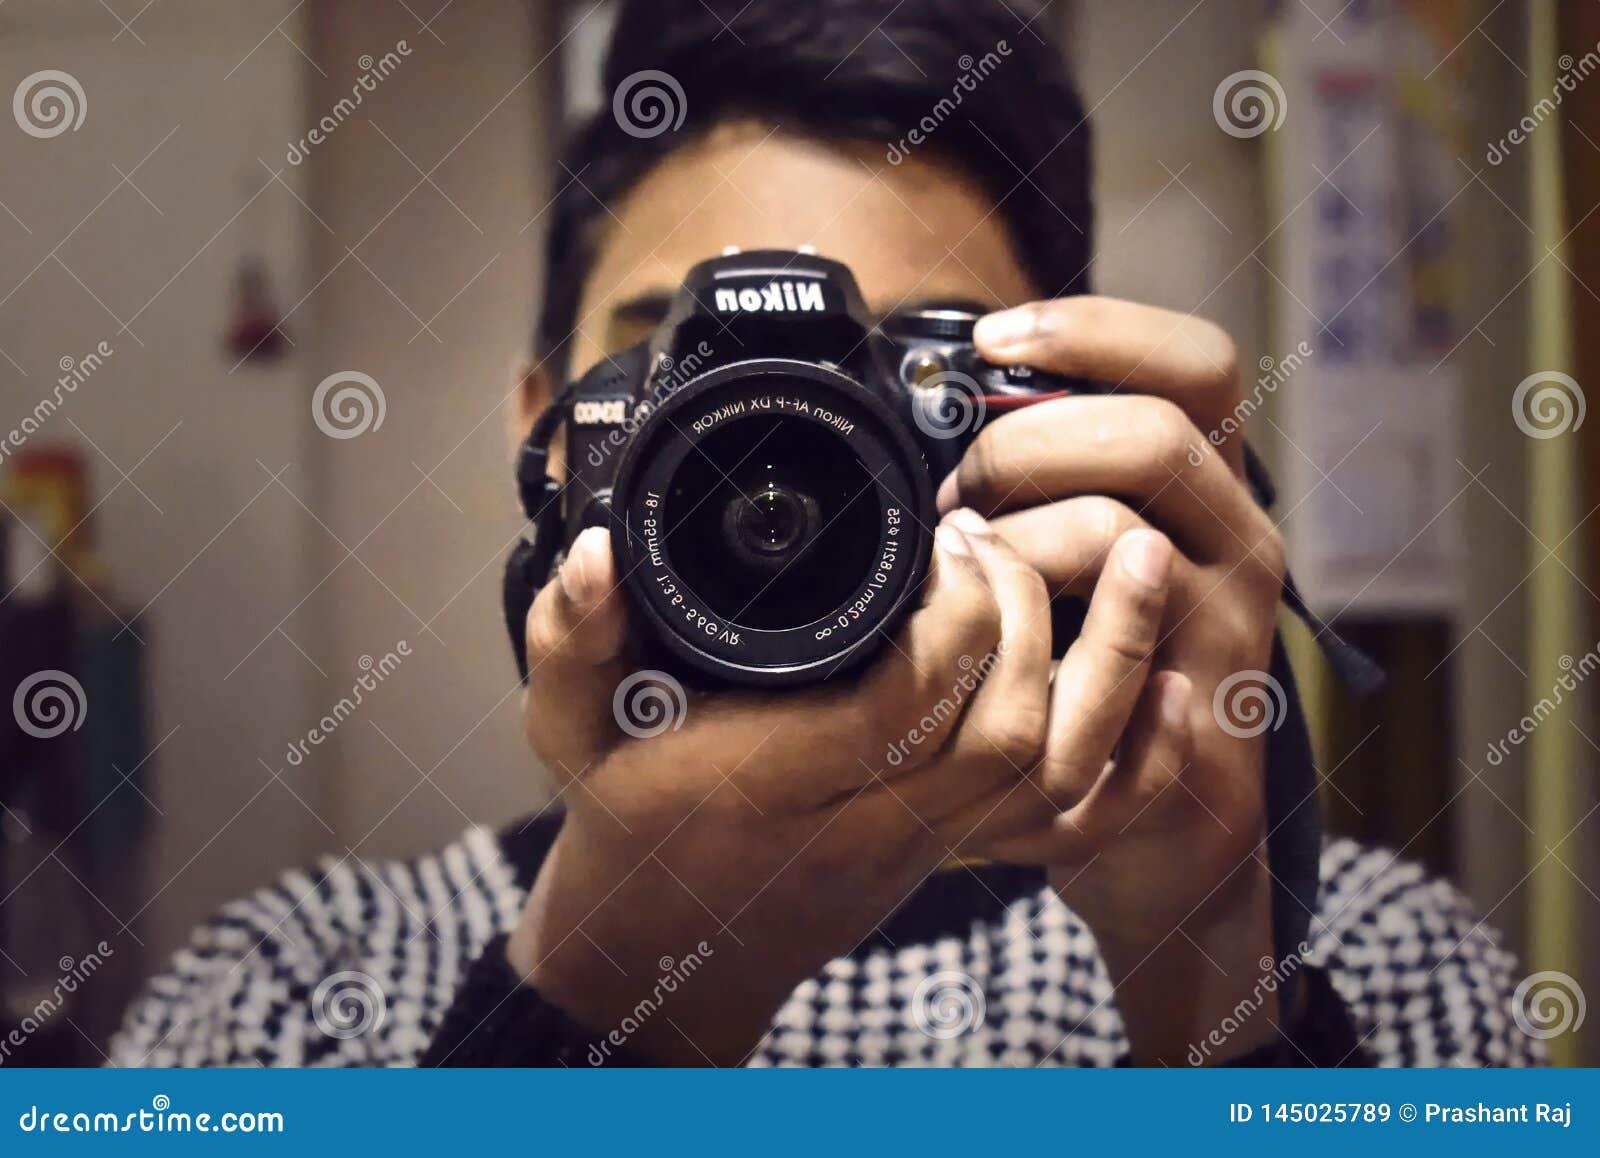 A person taking photo from his Nikon DSLR Camera facing camera